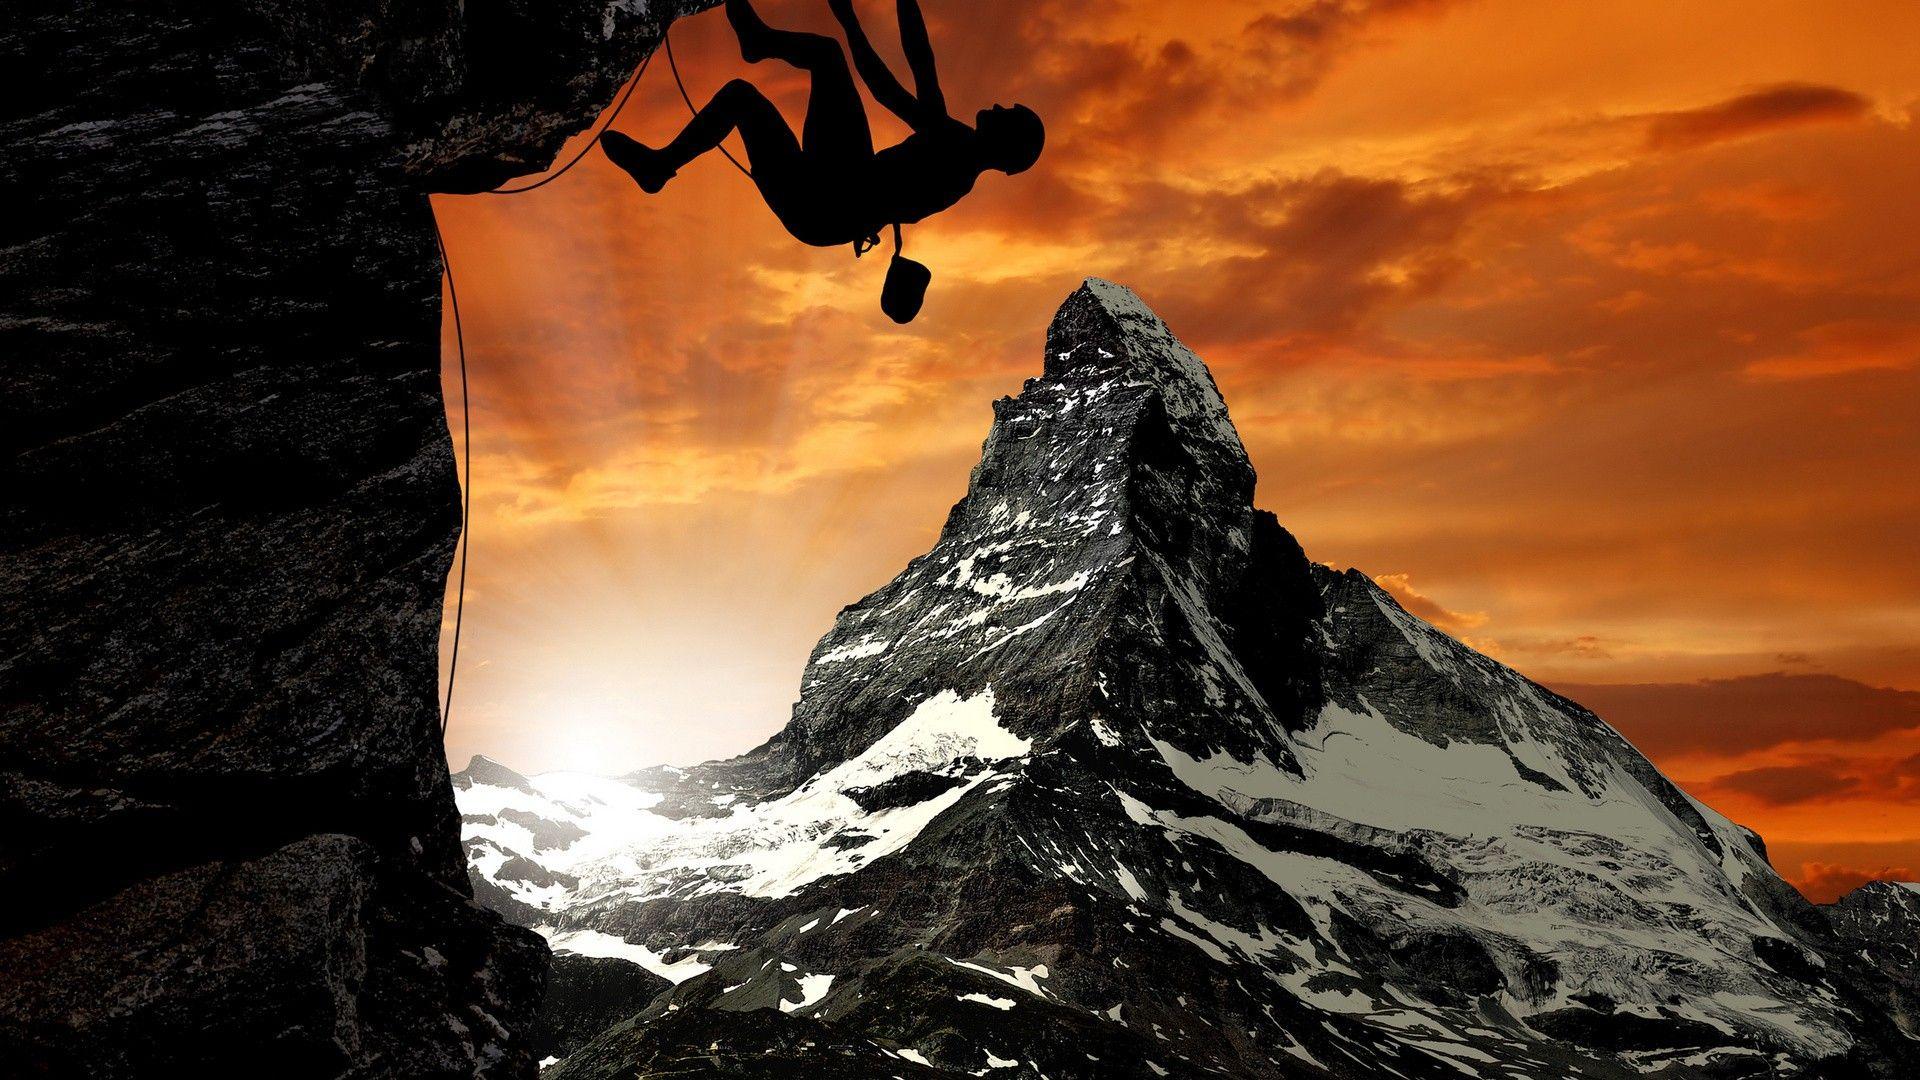 Best Rock Climbing Wallpapers